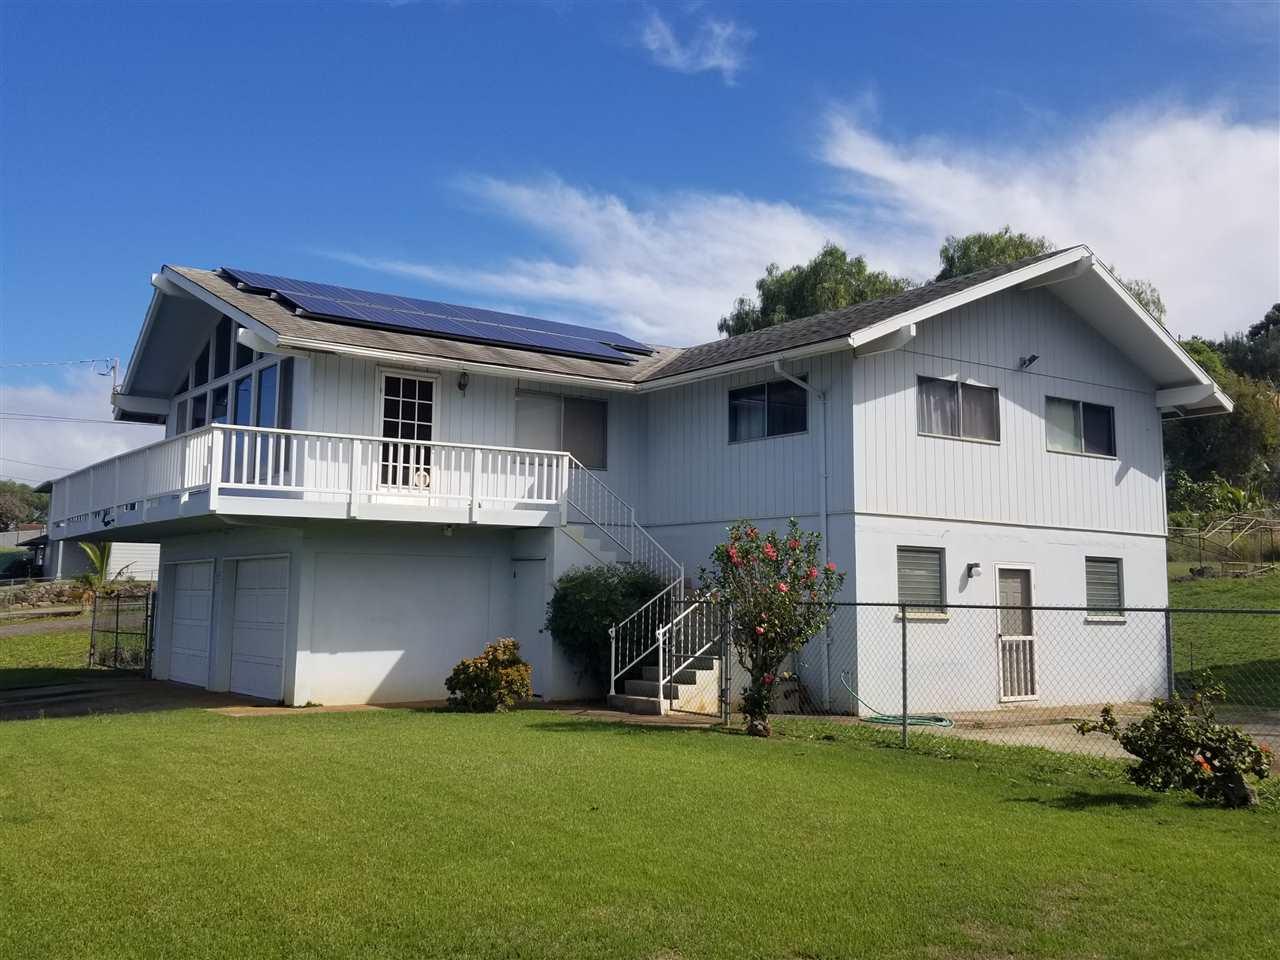 327 Haulani St Property Photo - Pukalani, HI real estate listing